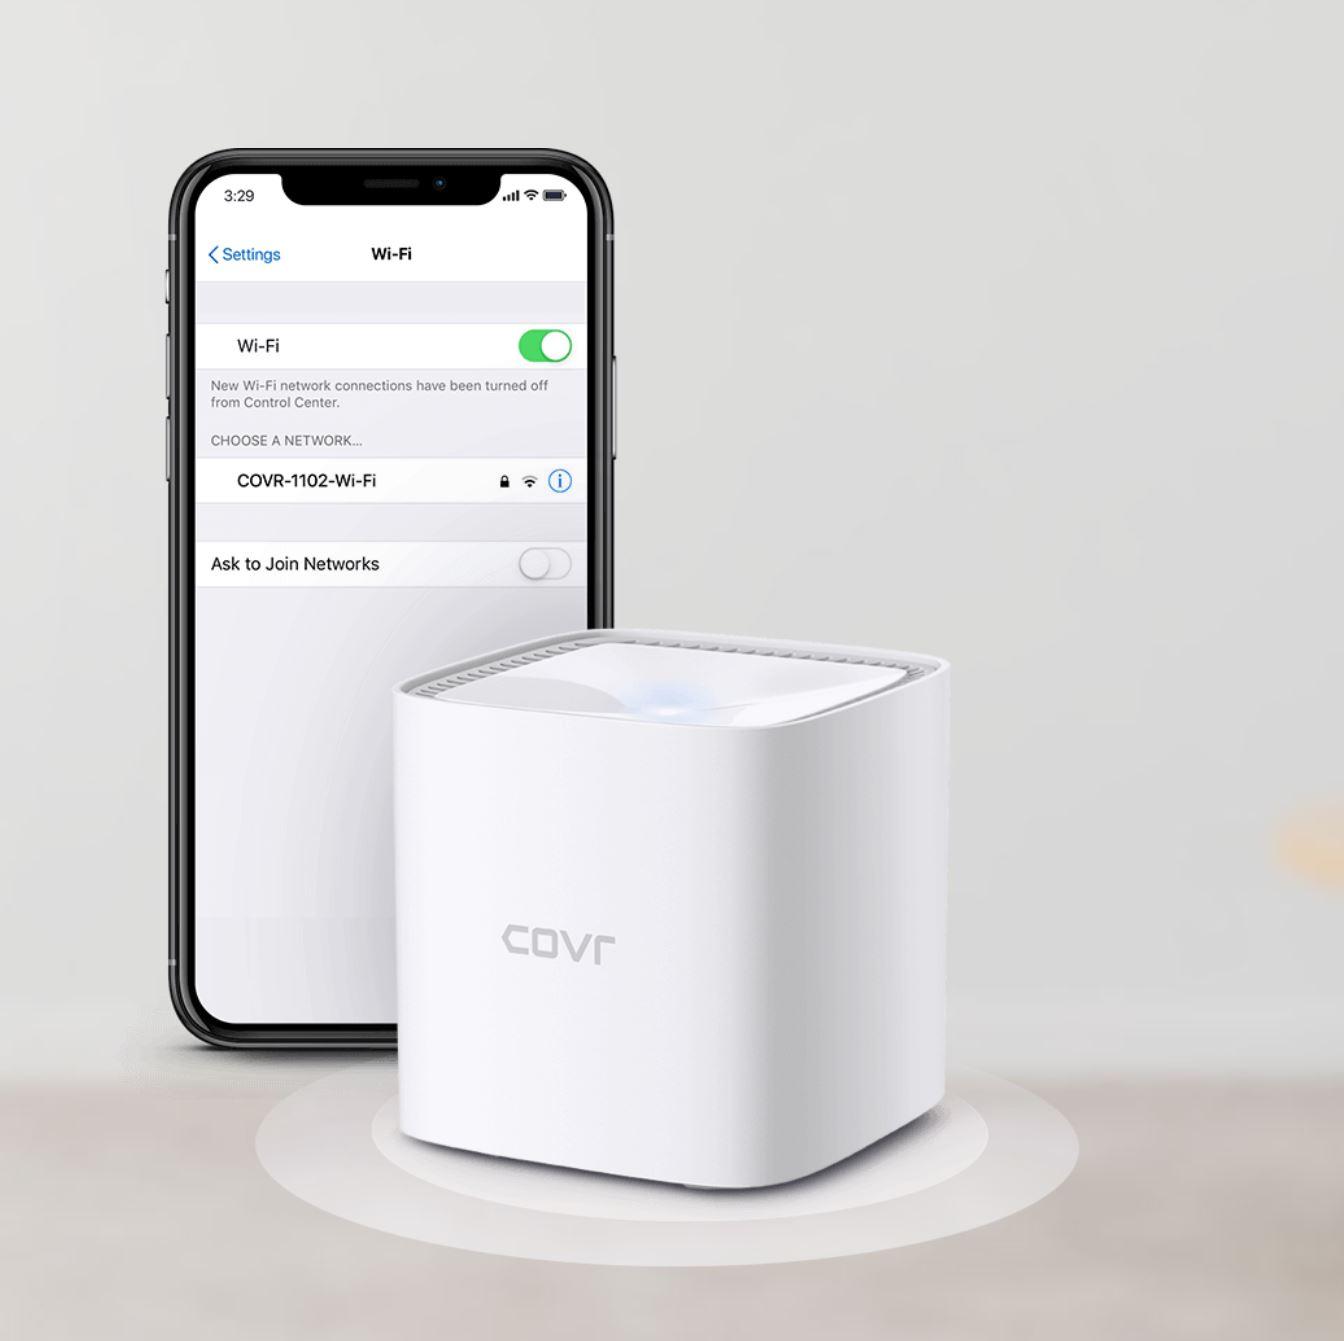 La nuova gamma di sistemi Mesh Wi-Fi di D-Link